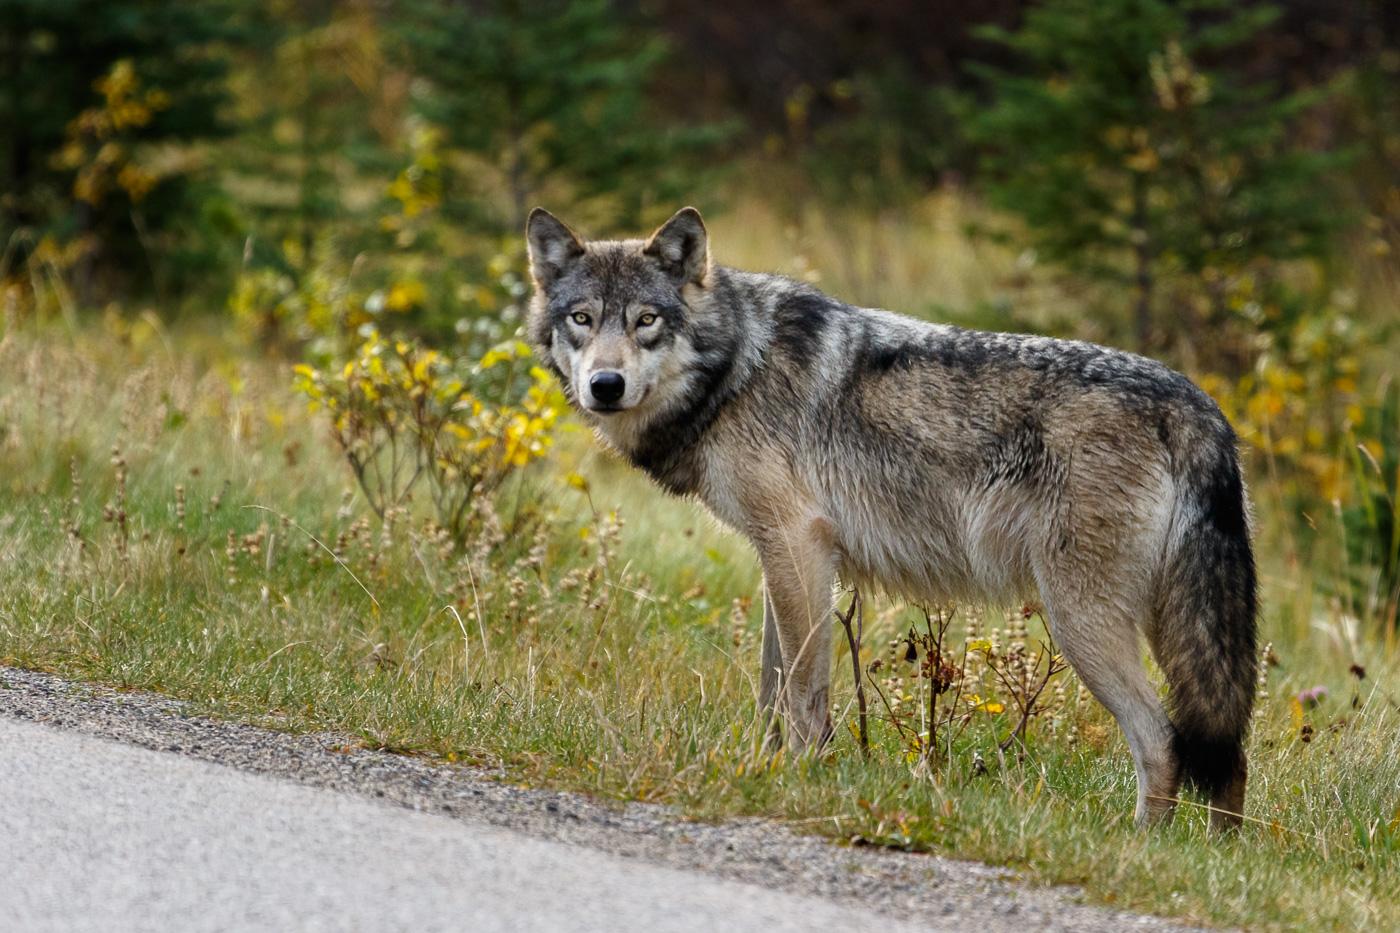 Wolf (Canis lupus), Banff National Park, Canada. - Fauna de Nord-Amèrica - Raül Carmona - Fotografia, Fotografia d'estudi, esdeveniments i Natura